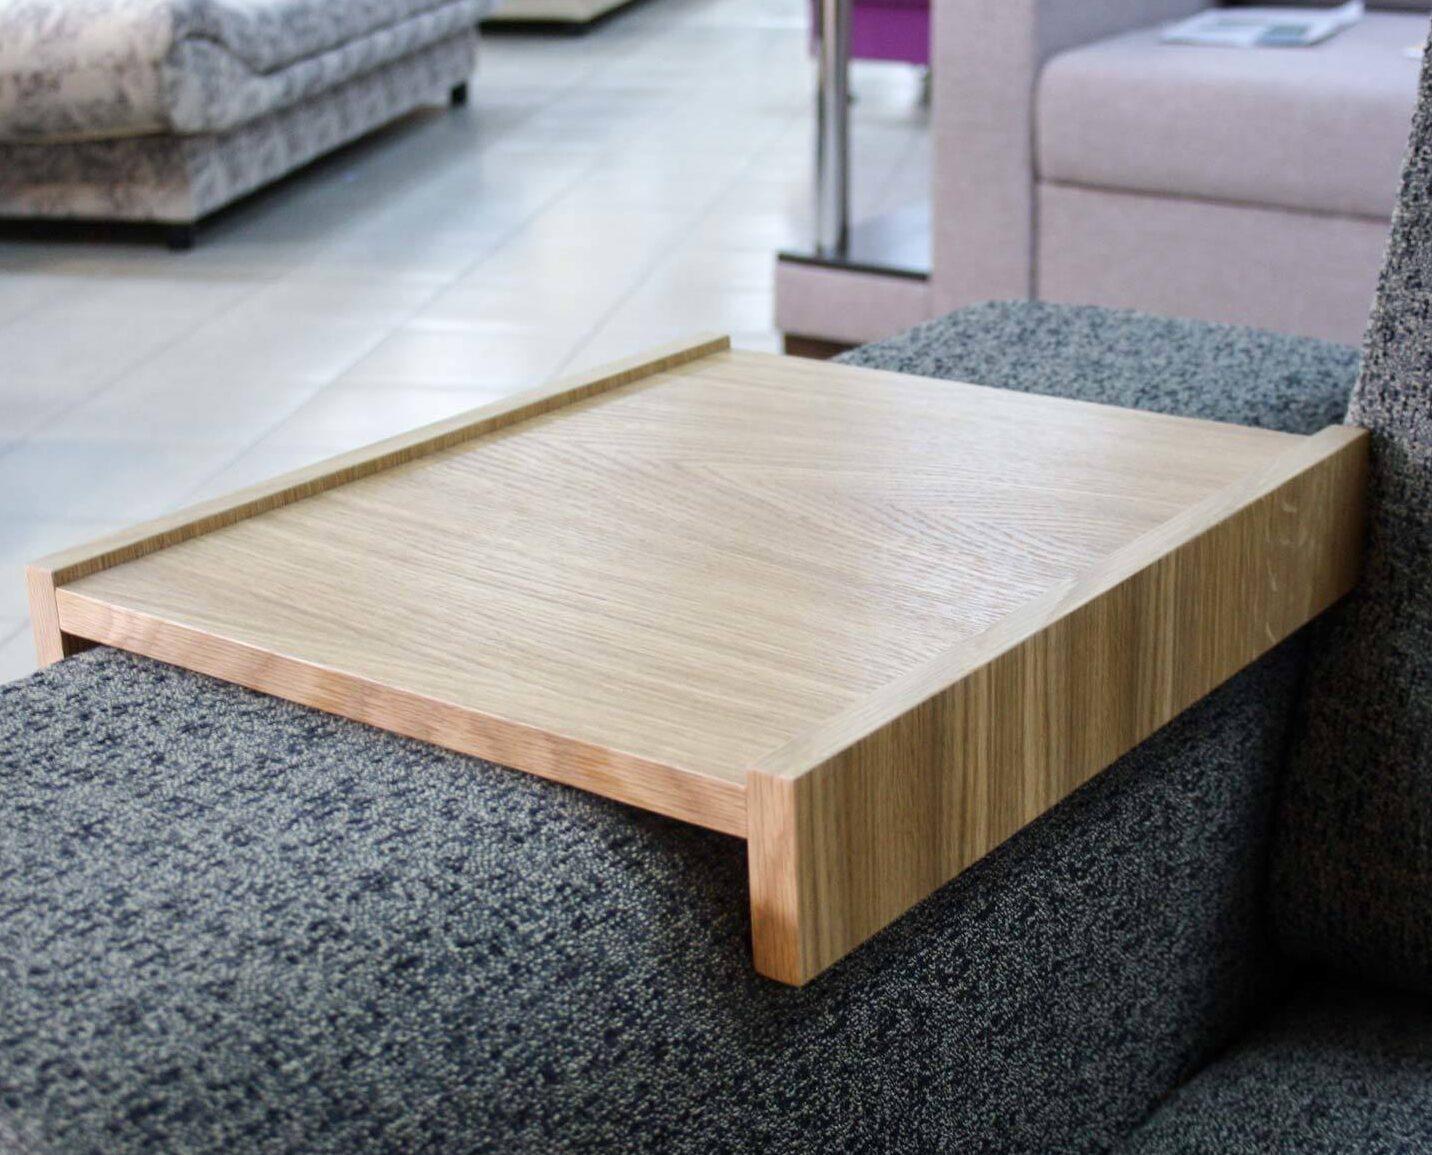 накладка на подлокотник дивана дизайн